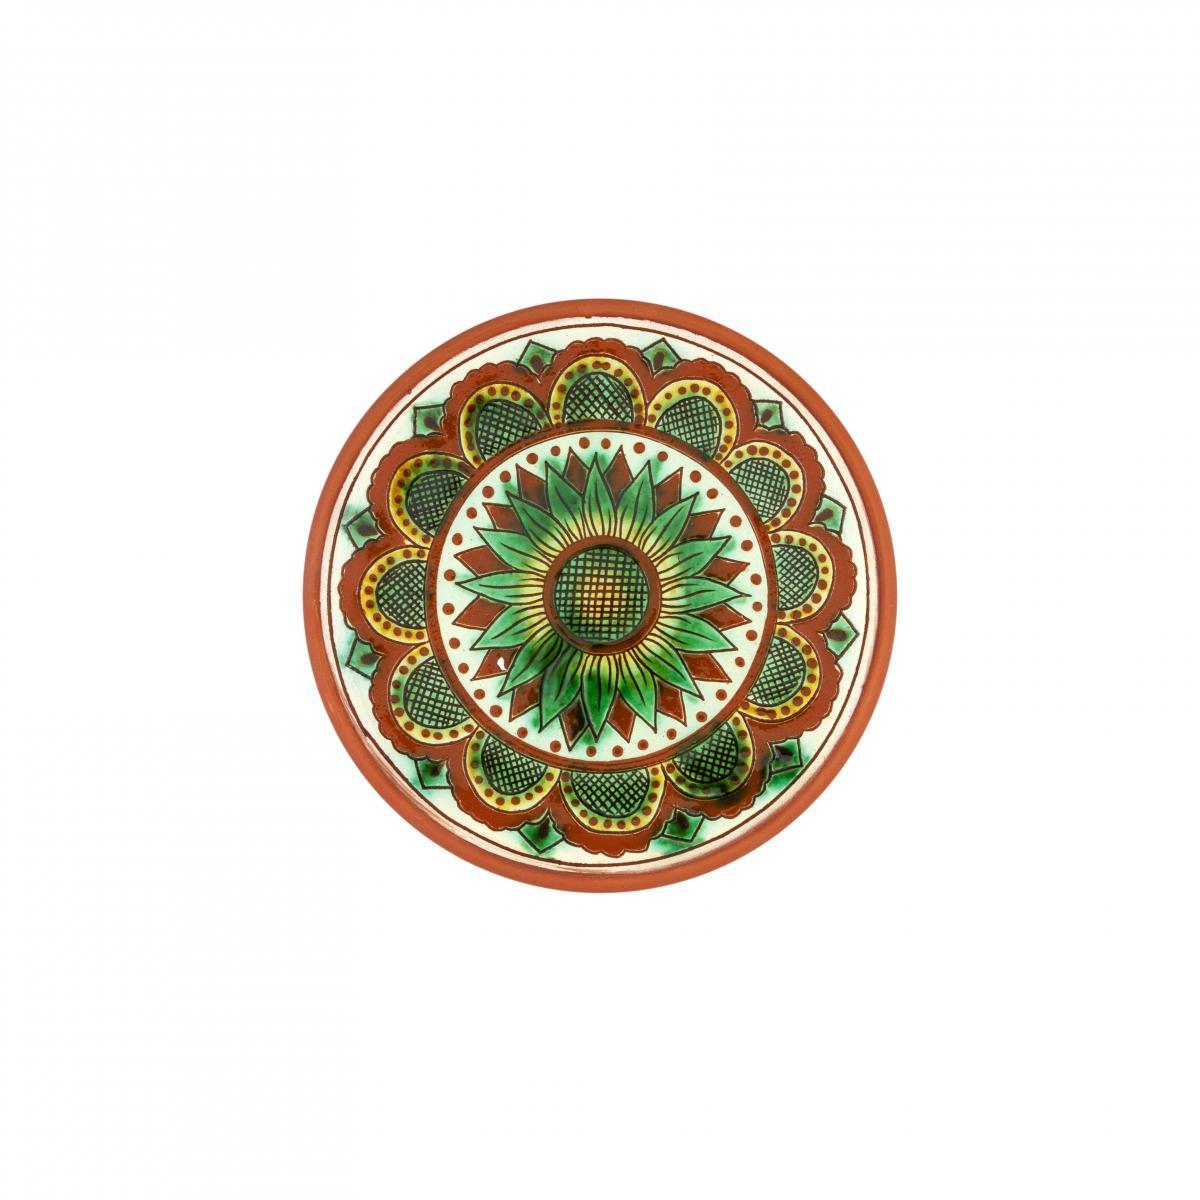 Кругла тарілка для десертів, 17 см. Фото №1. | Народний дім Україна